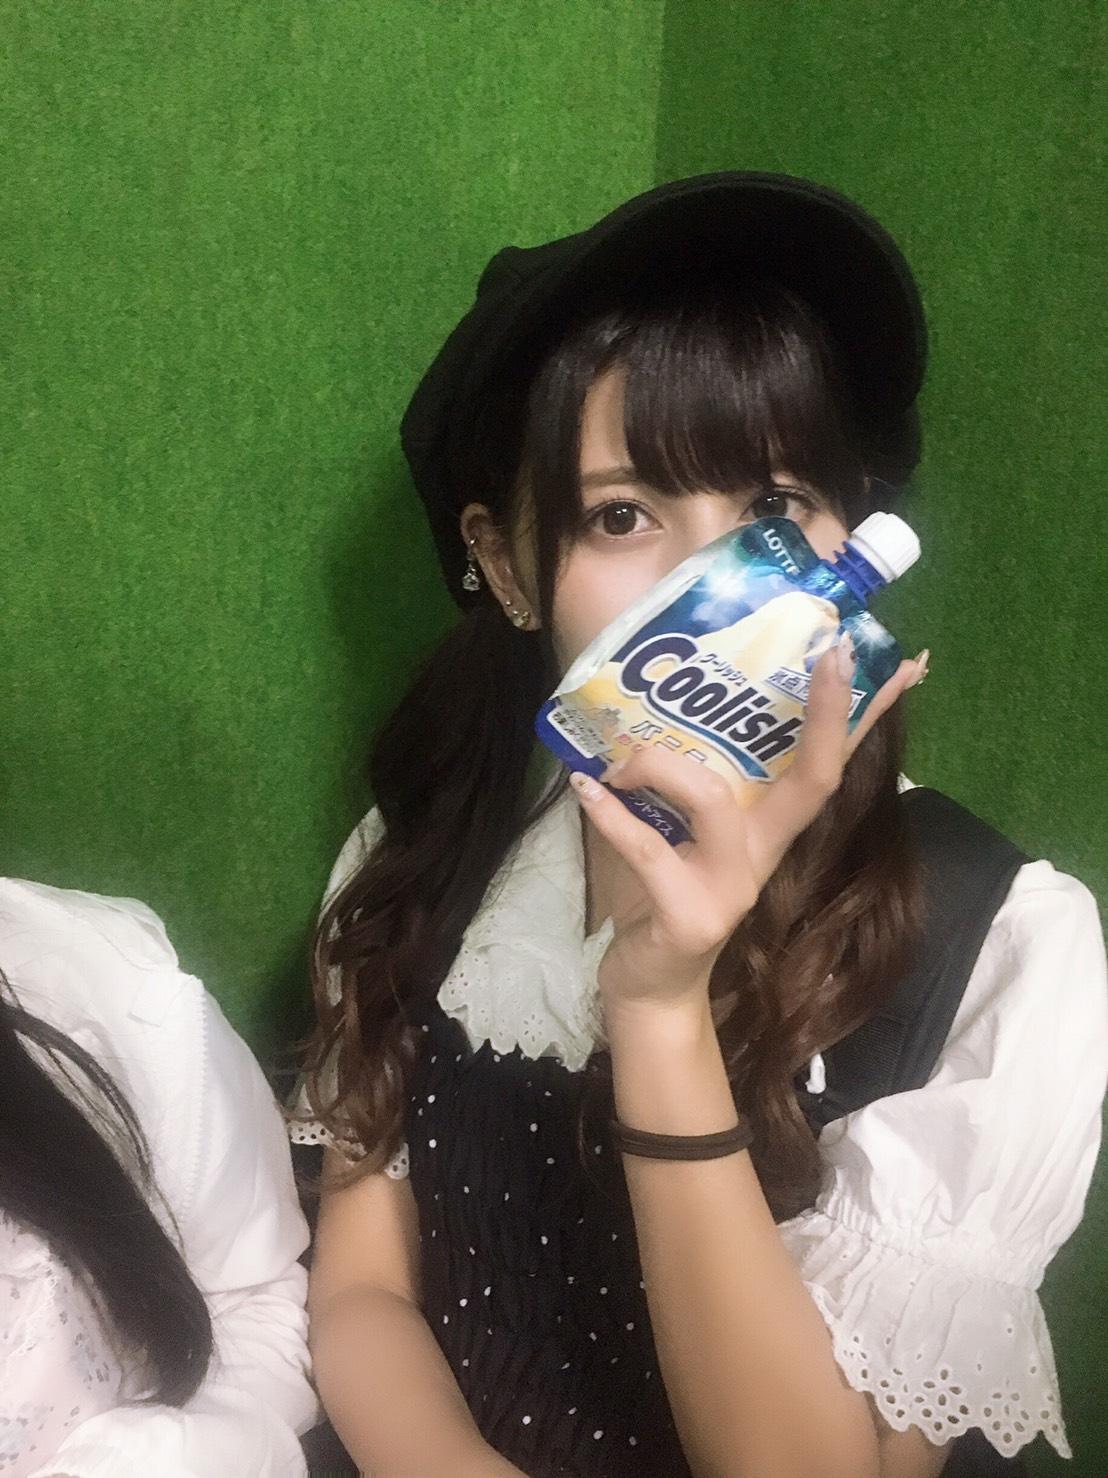 ライブ後の〜アイスは〜♪2人で食べようね〜♪